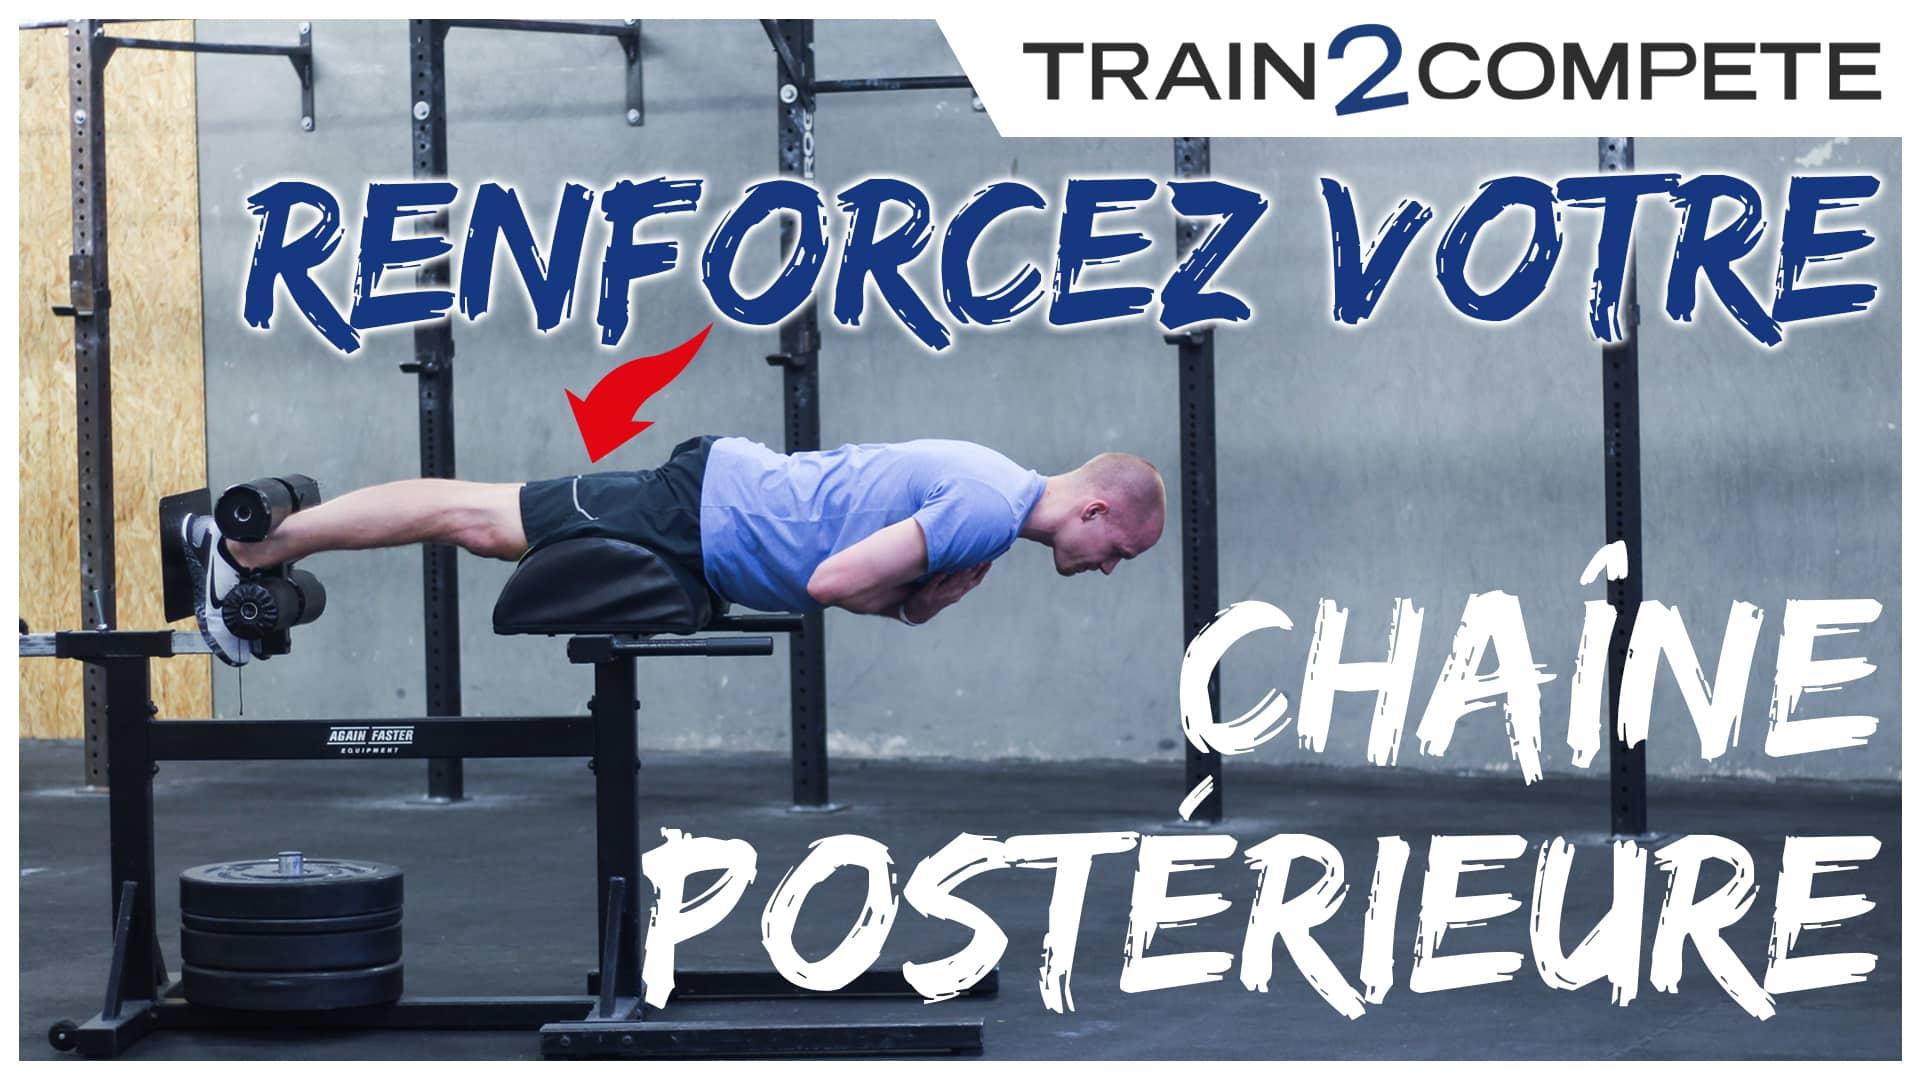 Renforcement chaîne postérieure ischios squats CrossFit